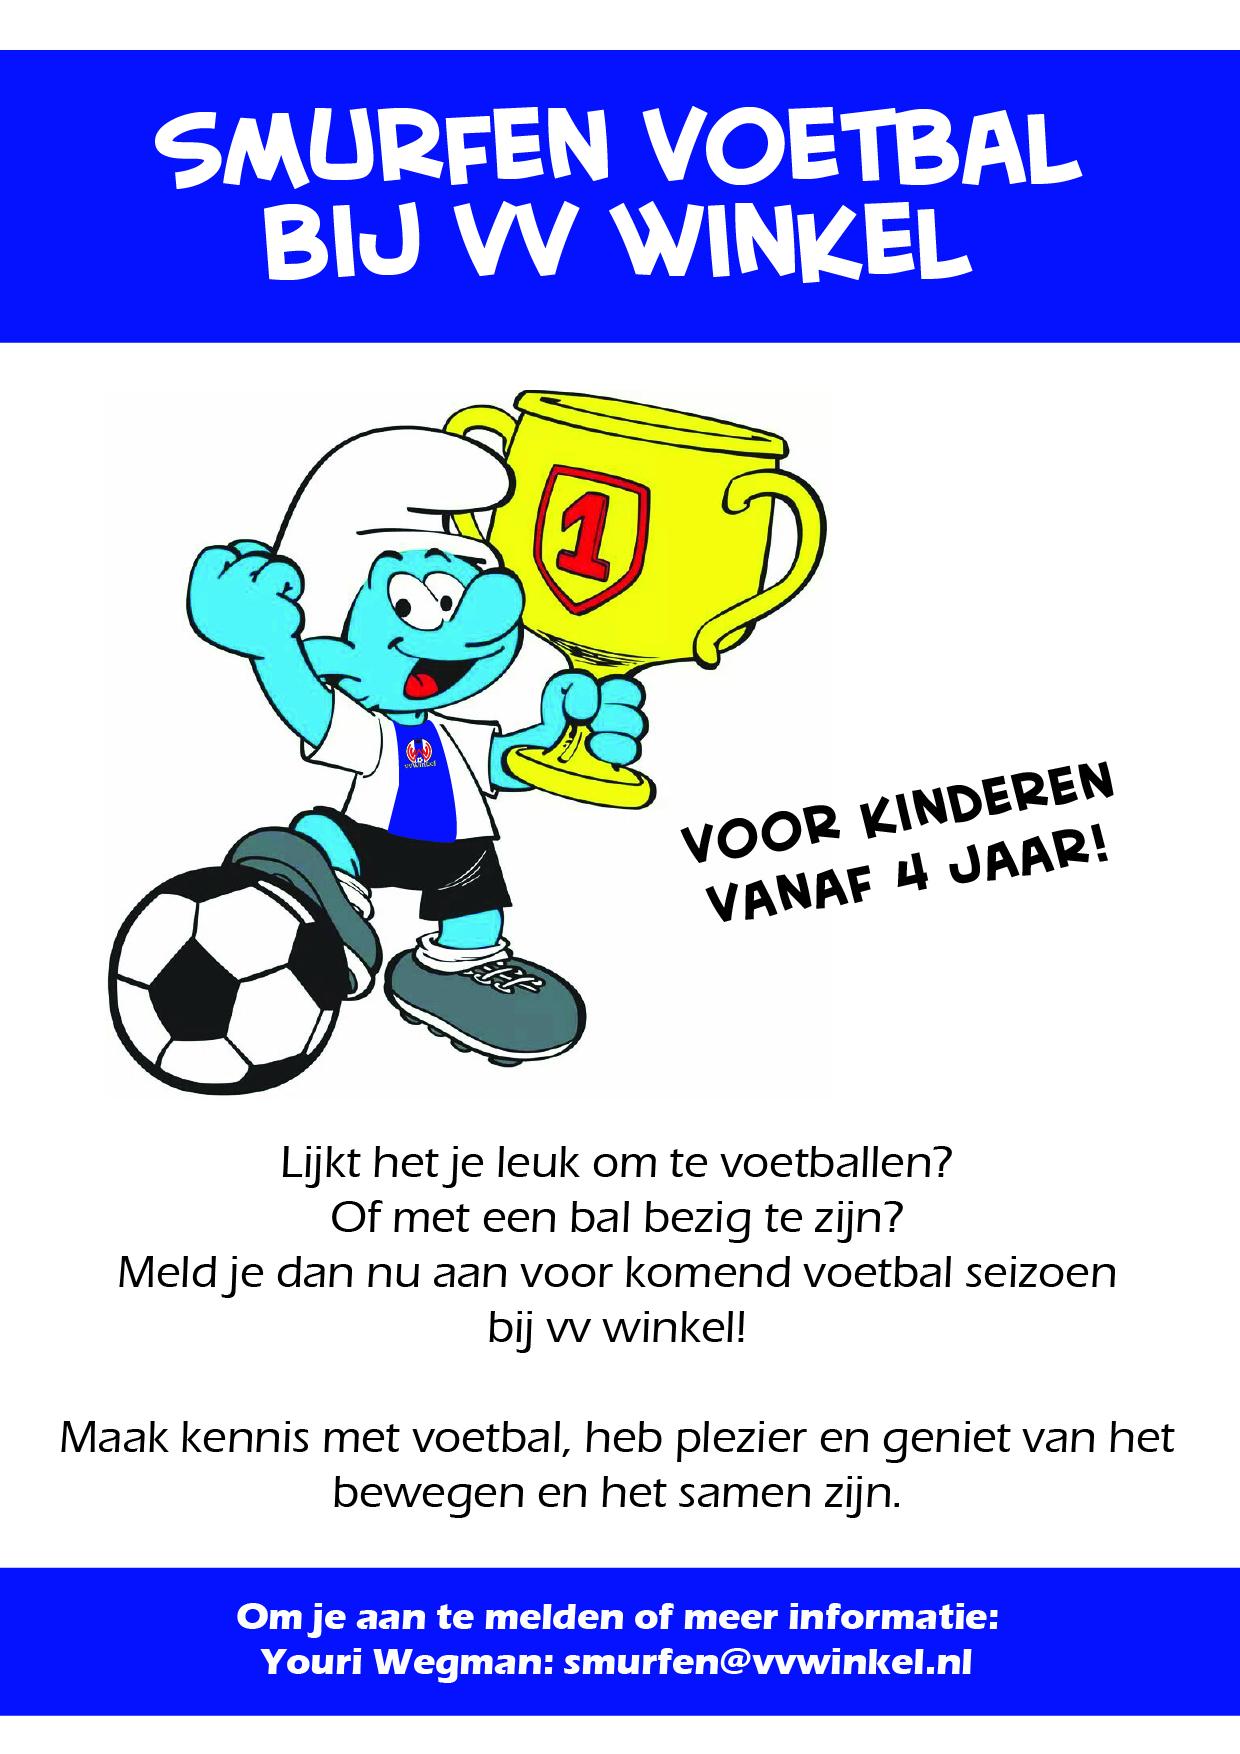 Smurfen voetbal bij vv Winkel!